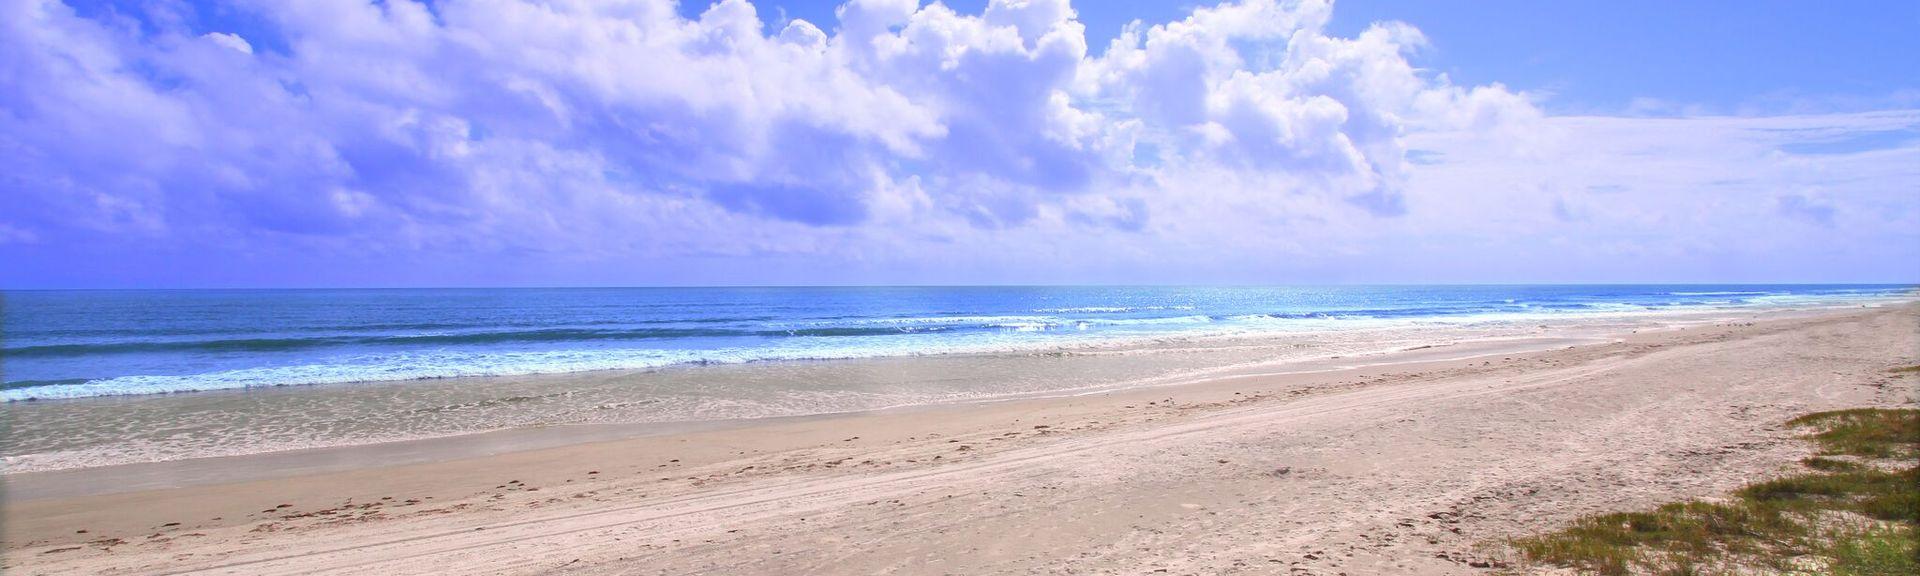 Ormond Beach, FL, USA